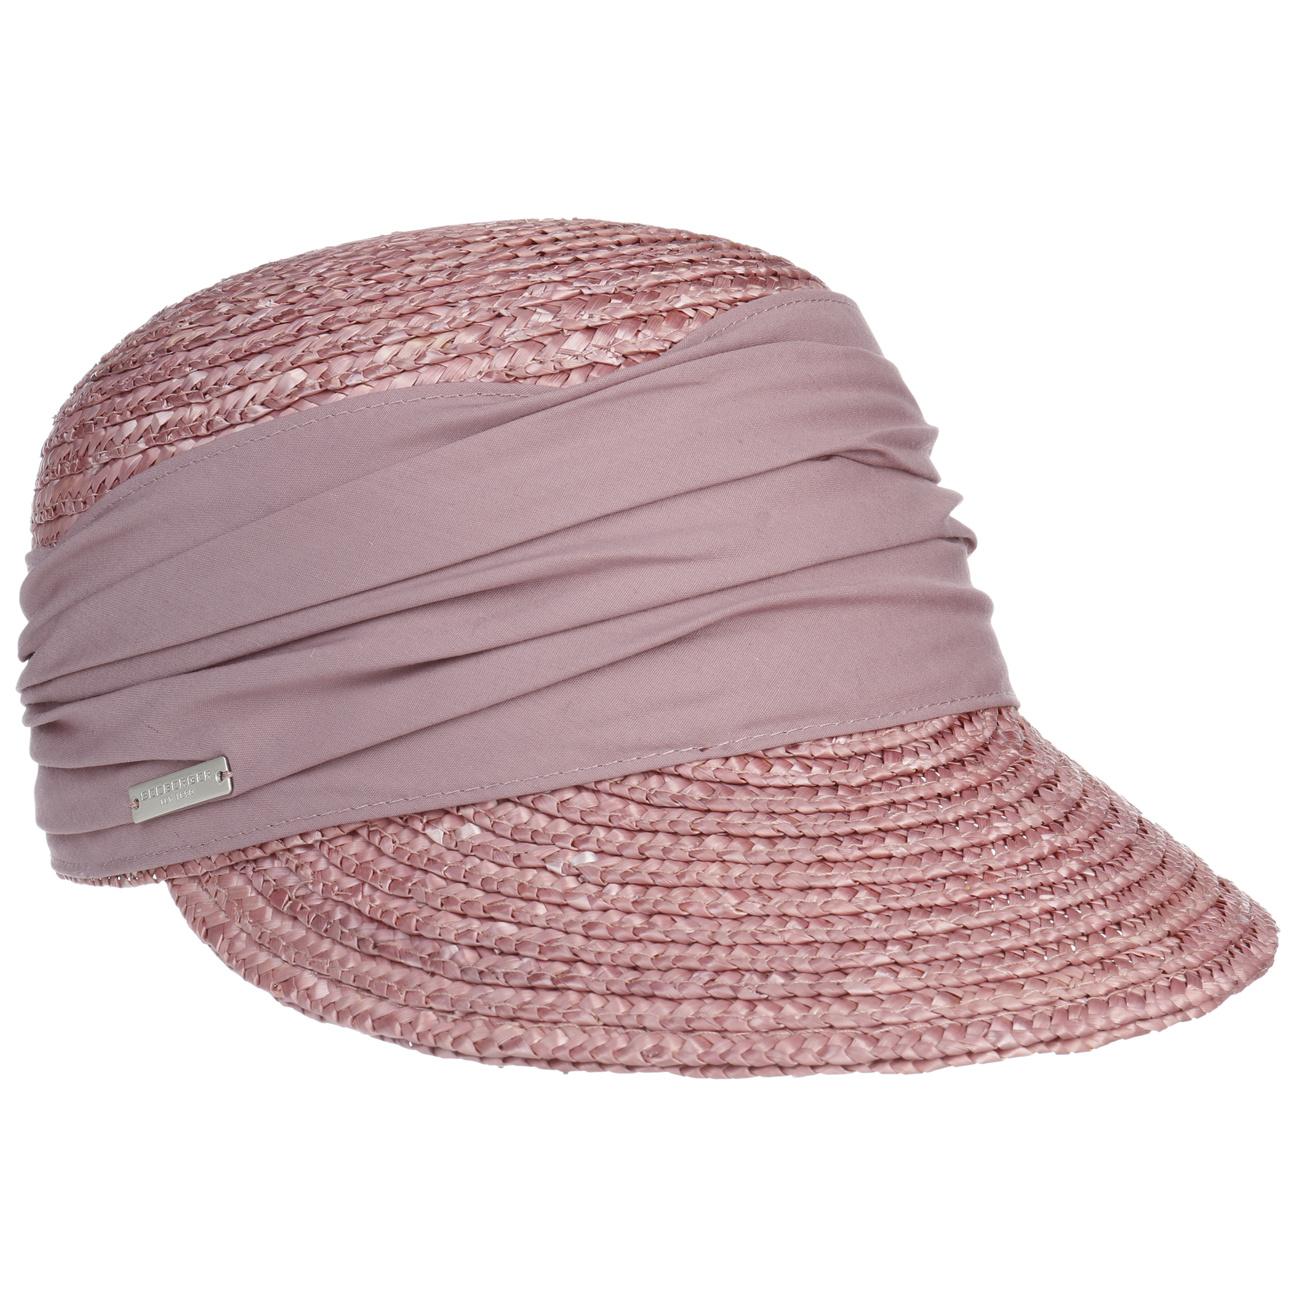 Casquette Grace en Paille by Seeberger  casquette d`été